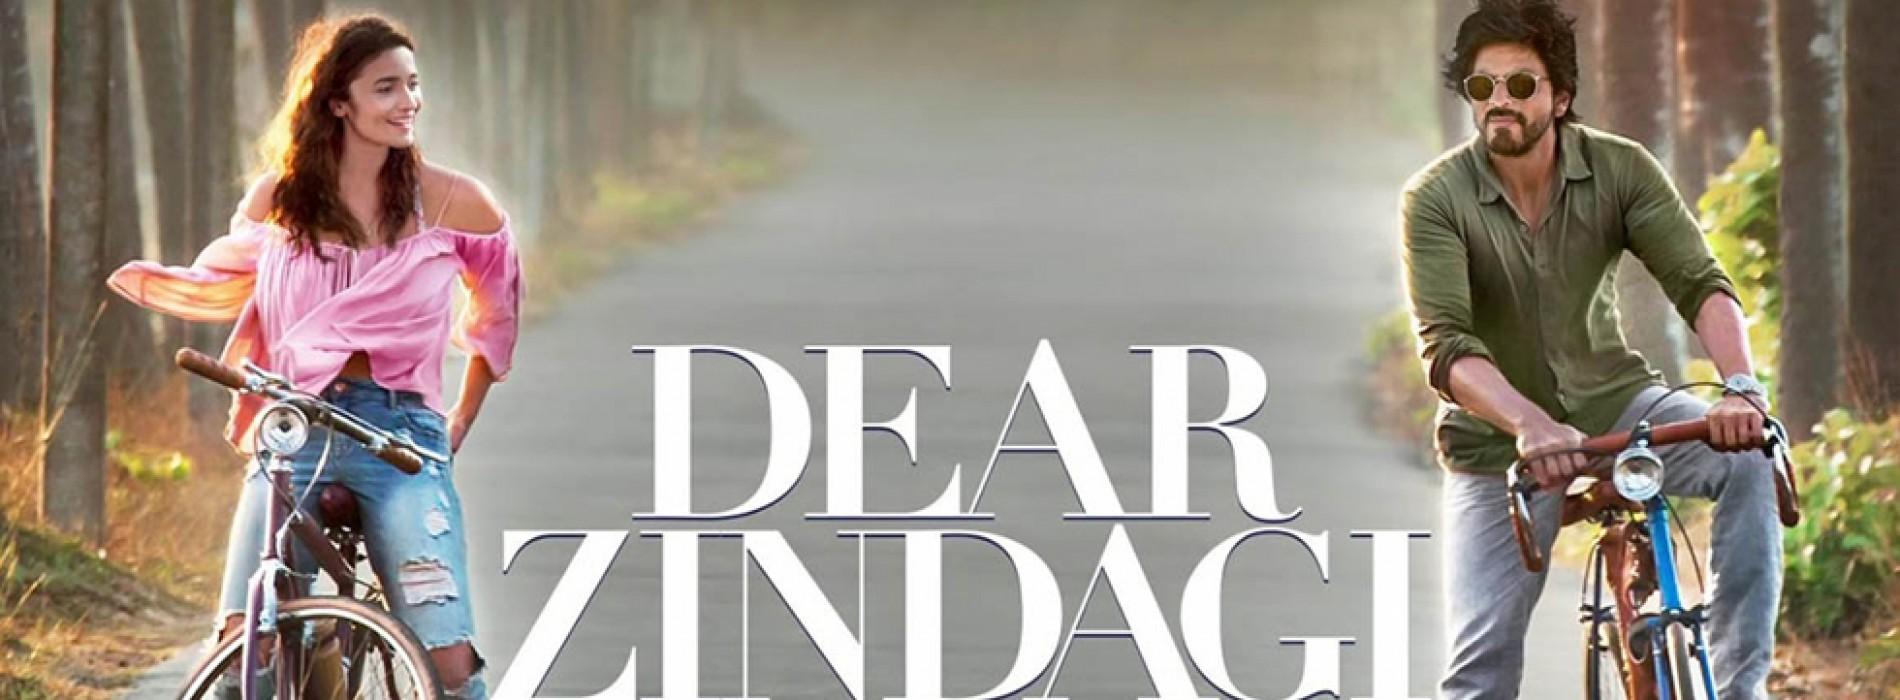 'Goa's tryst with Dear Zindagi'